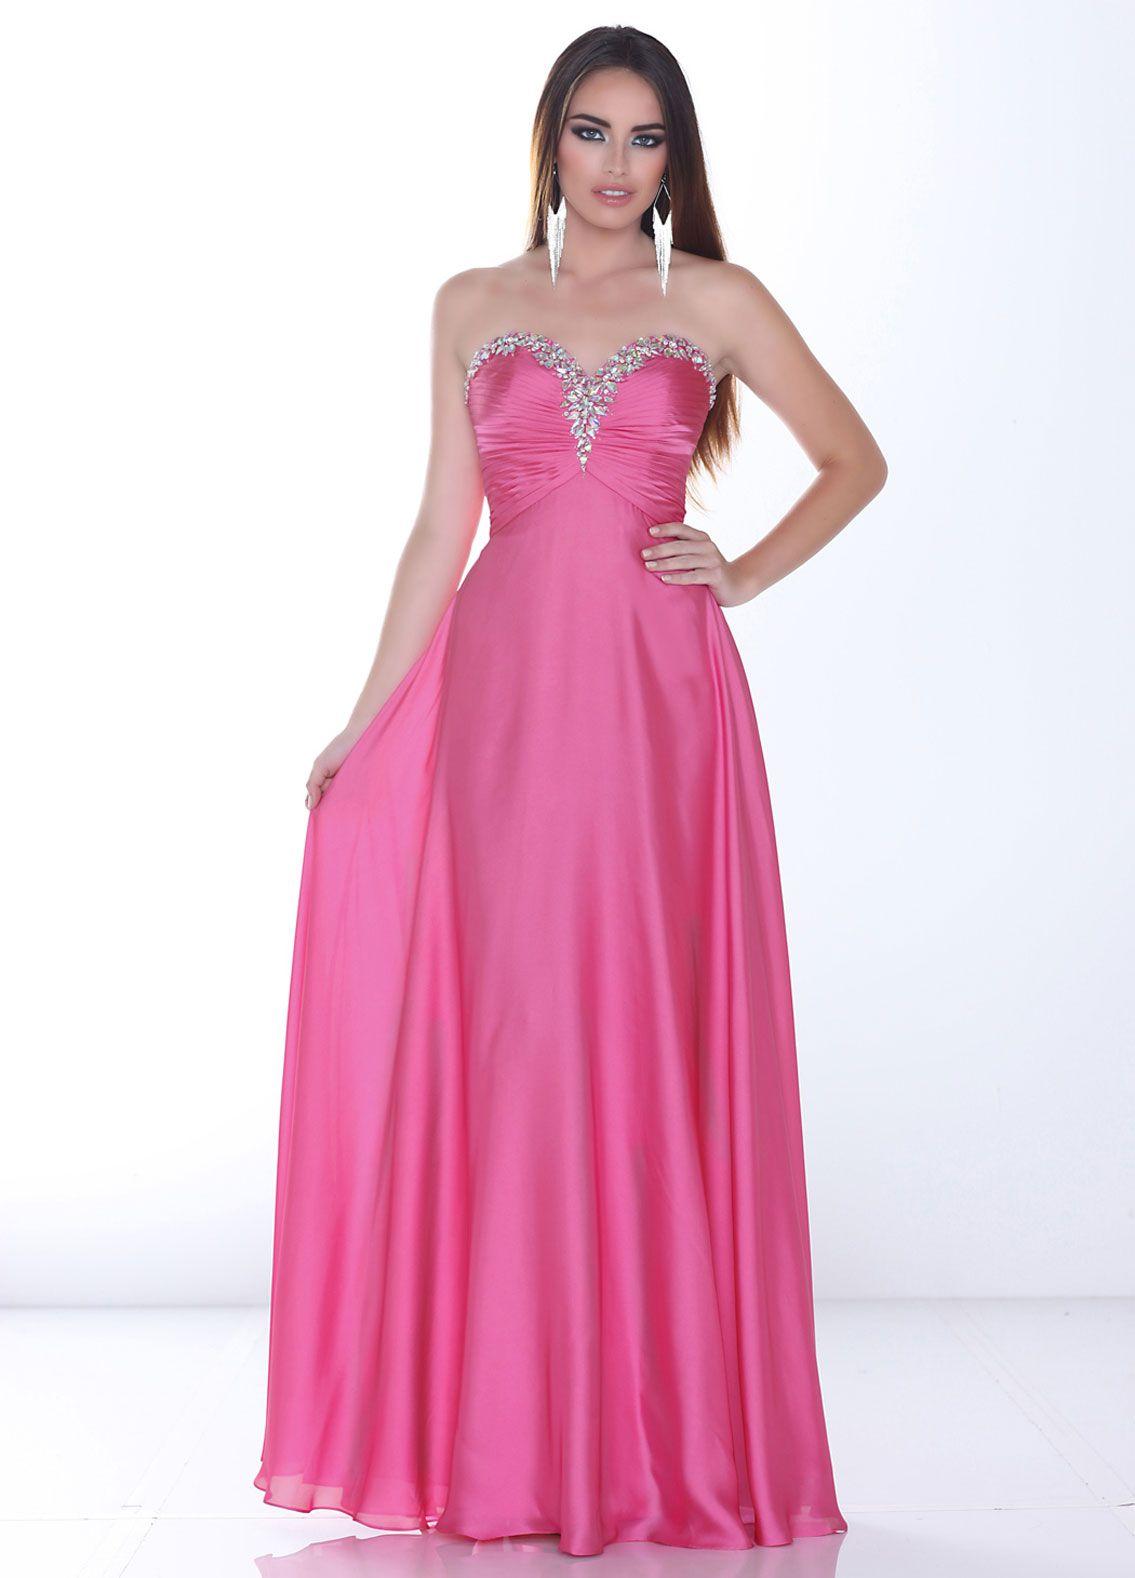 Dorable Vestidos De Prom Tiendas En Houston Colección - Colección de ...